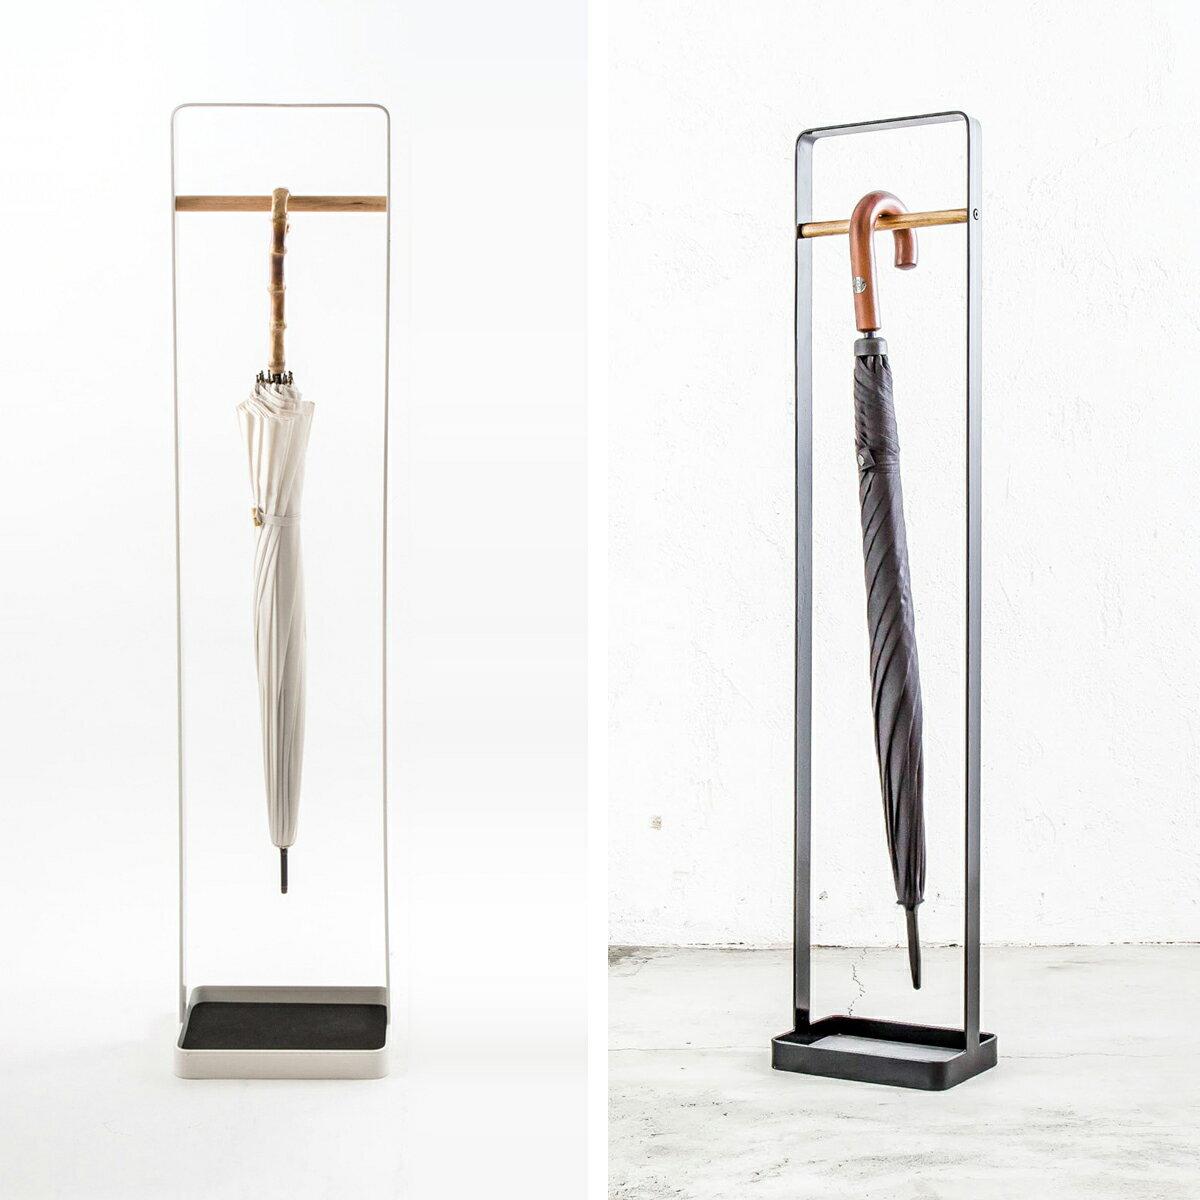 シンプルで薄型でスリムなデザインのスチールフレーム&木製バーの傘立て [b2cアンブレラハンガー ウッドバータイプ]